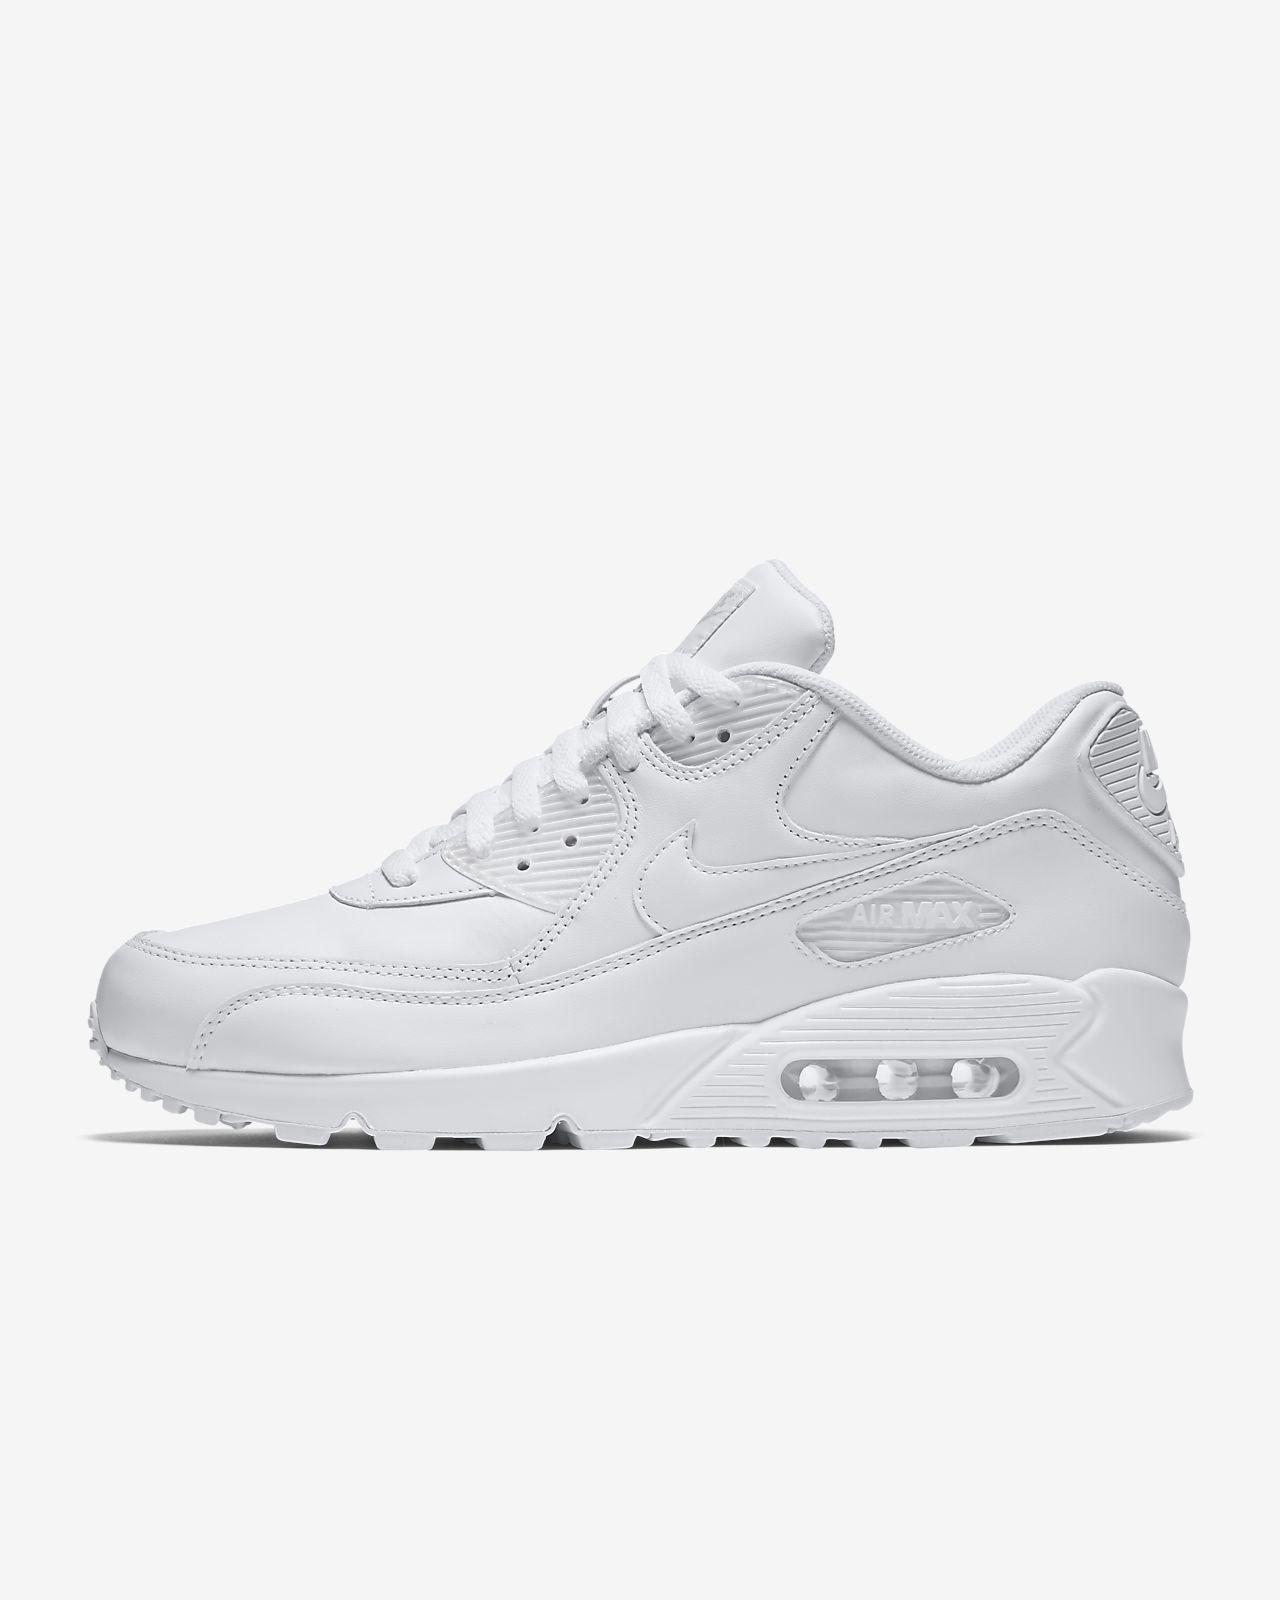 Pánská bota Nike Air Max 90 Leather